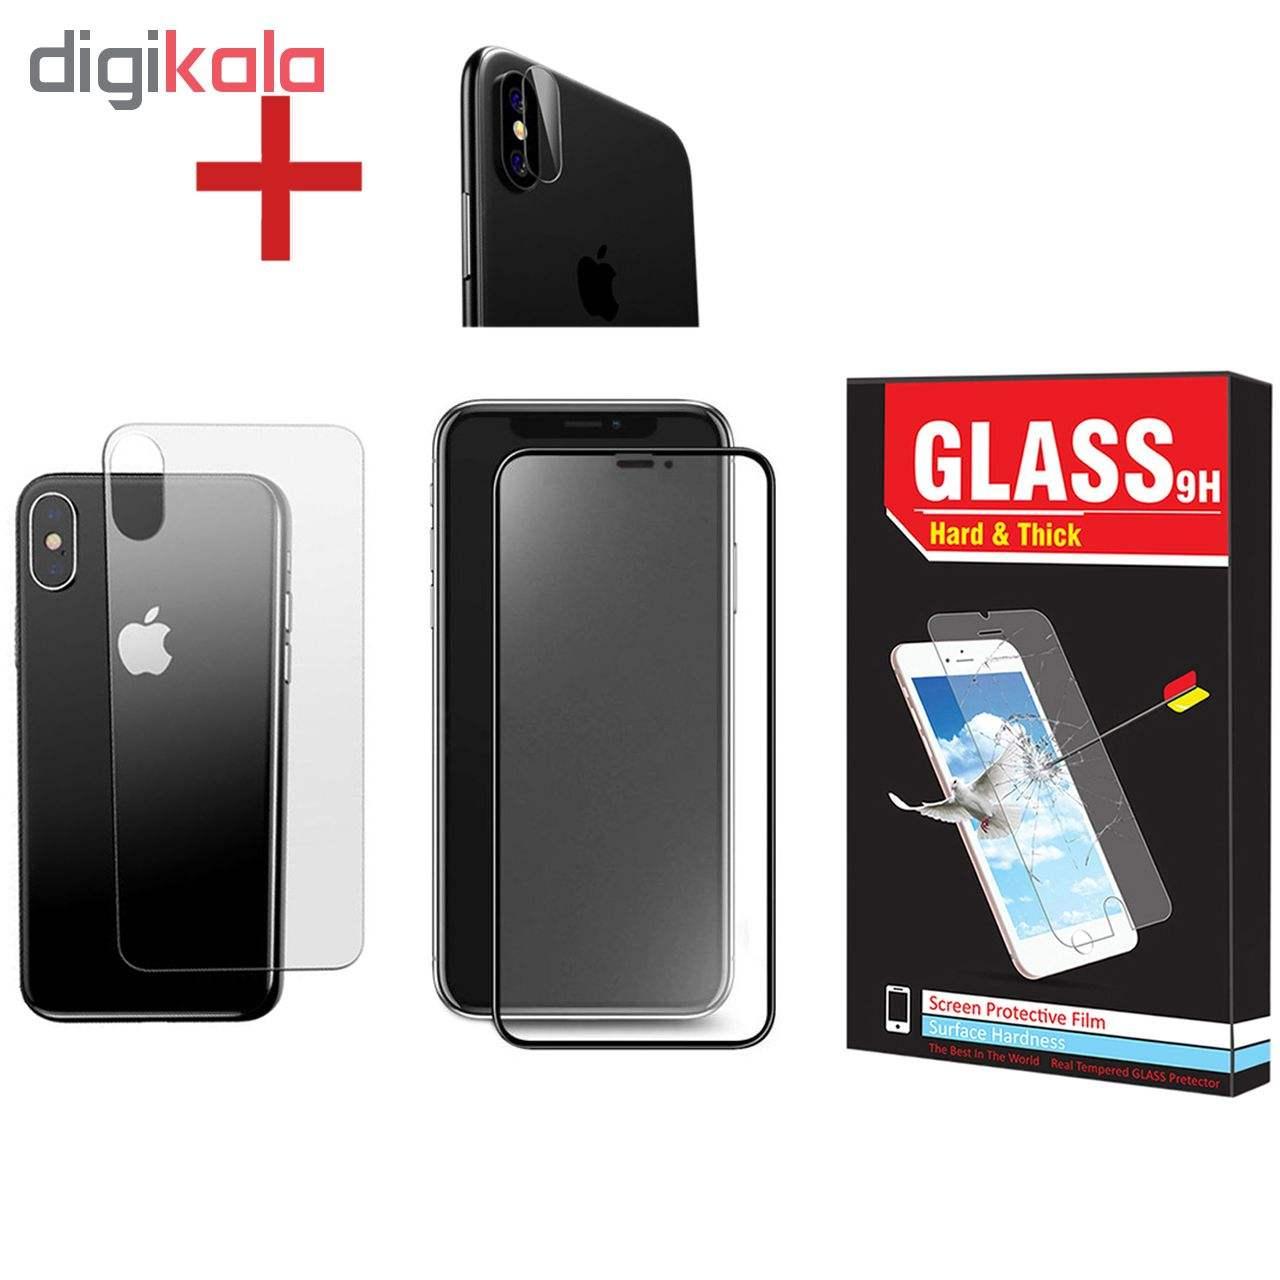 محافظ صفحه نمایش و پشت گوشی Hard and Thick مدل F-01 مناسب برای گوشی موبایل اپل Iphone X/Xs به همراه محافظ لنز دوربین main 1 1